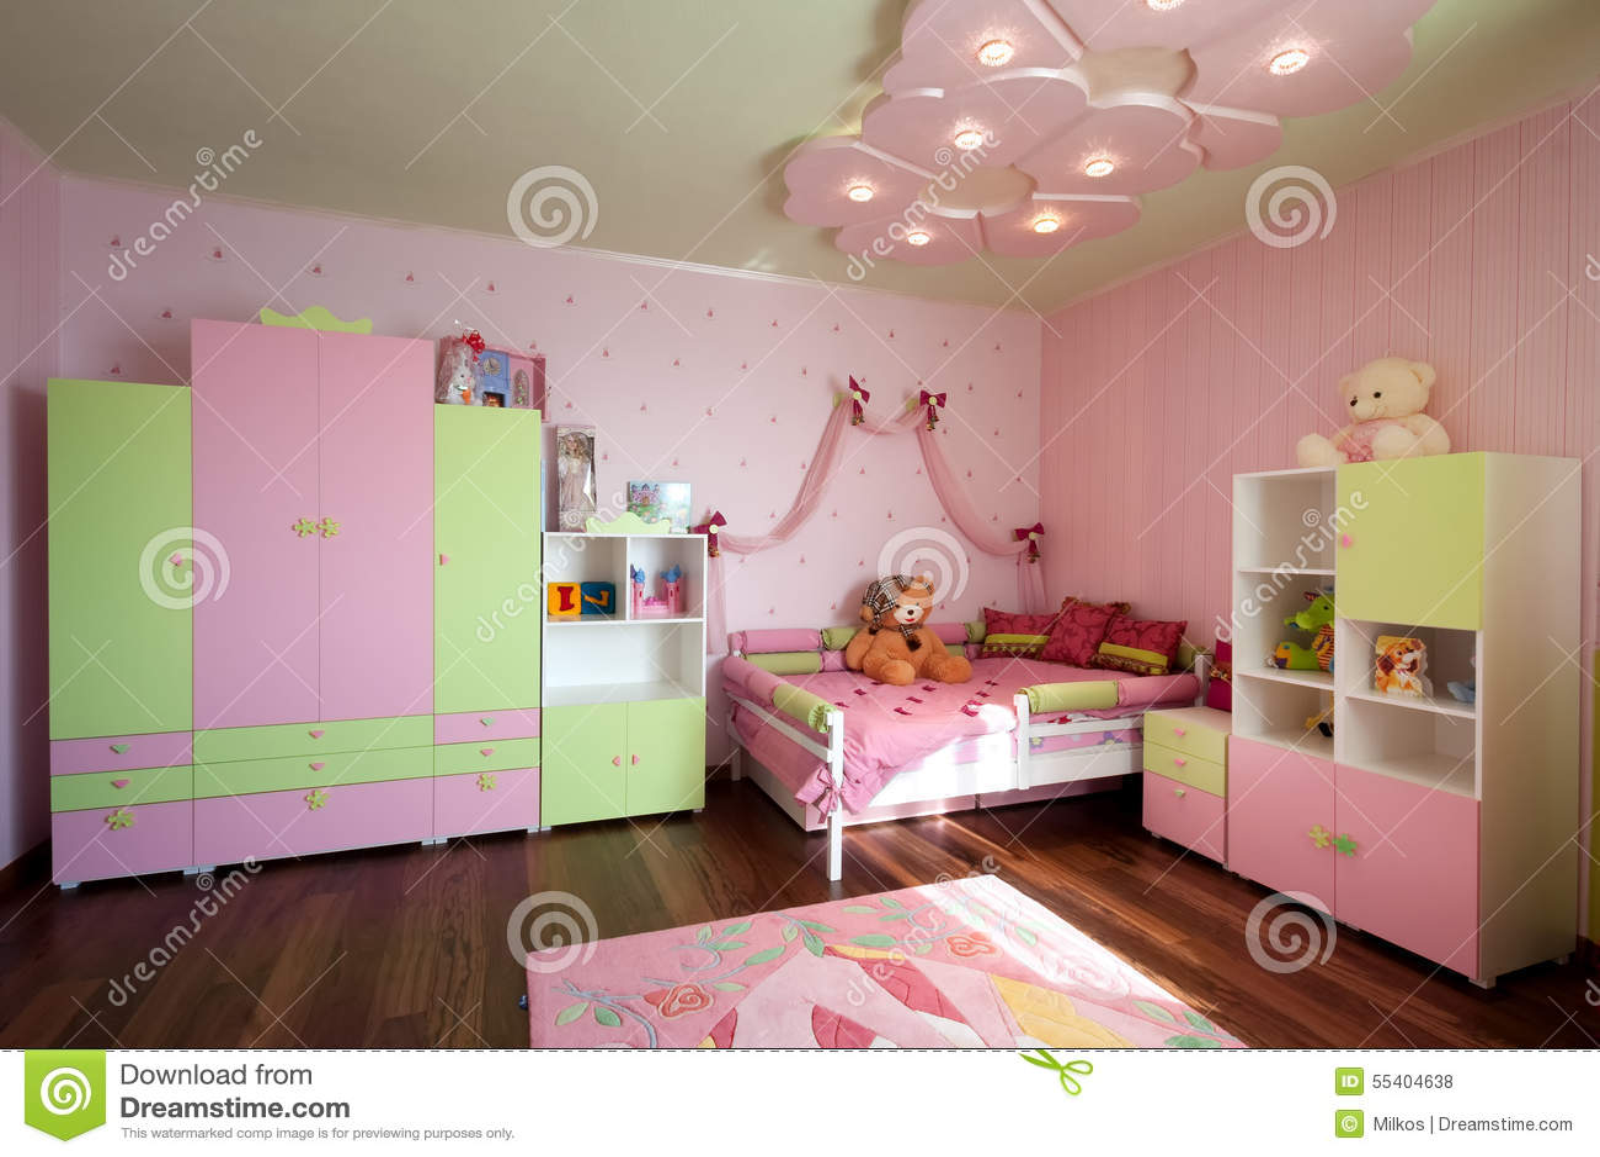 Conception moderne d 39 un int rieur de chambre d 39 enfant dans des couleurs en pastel p pini re for Conception chambre